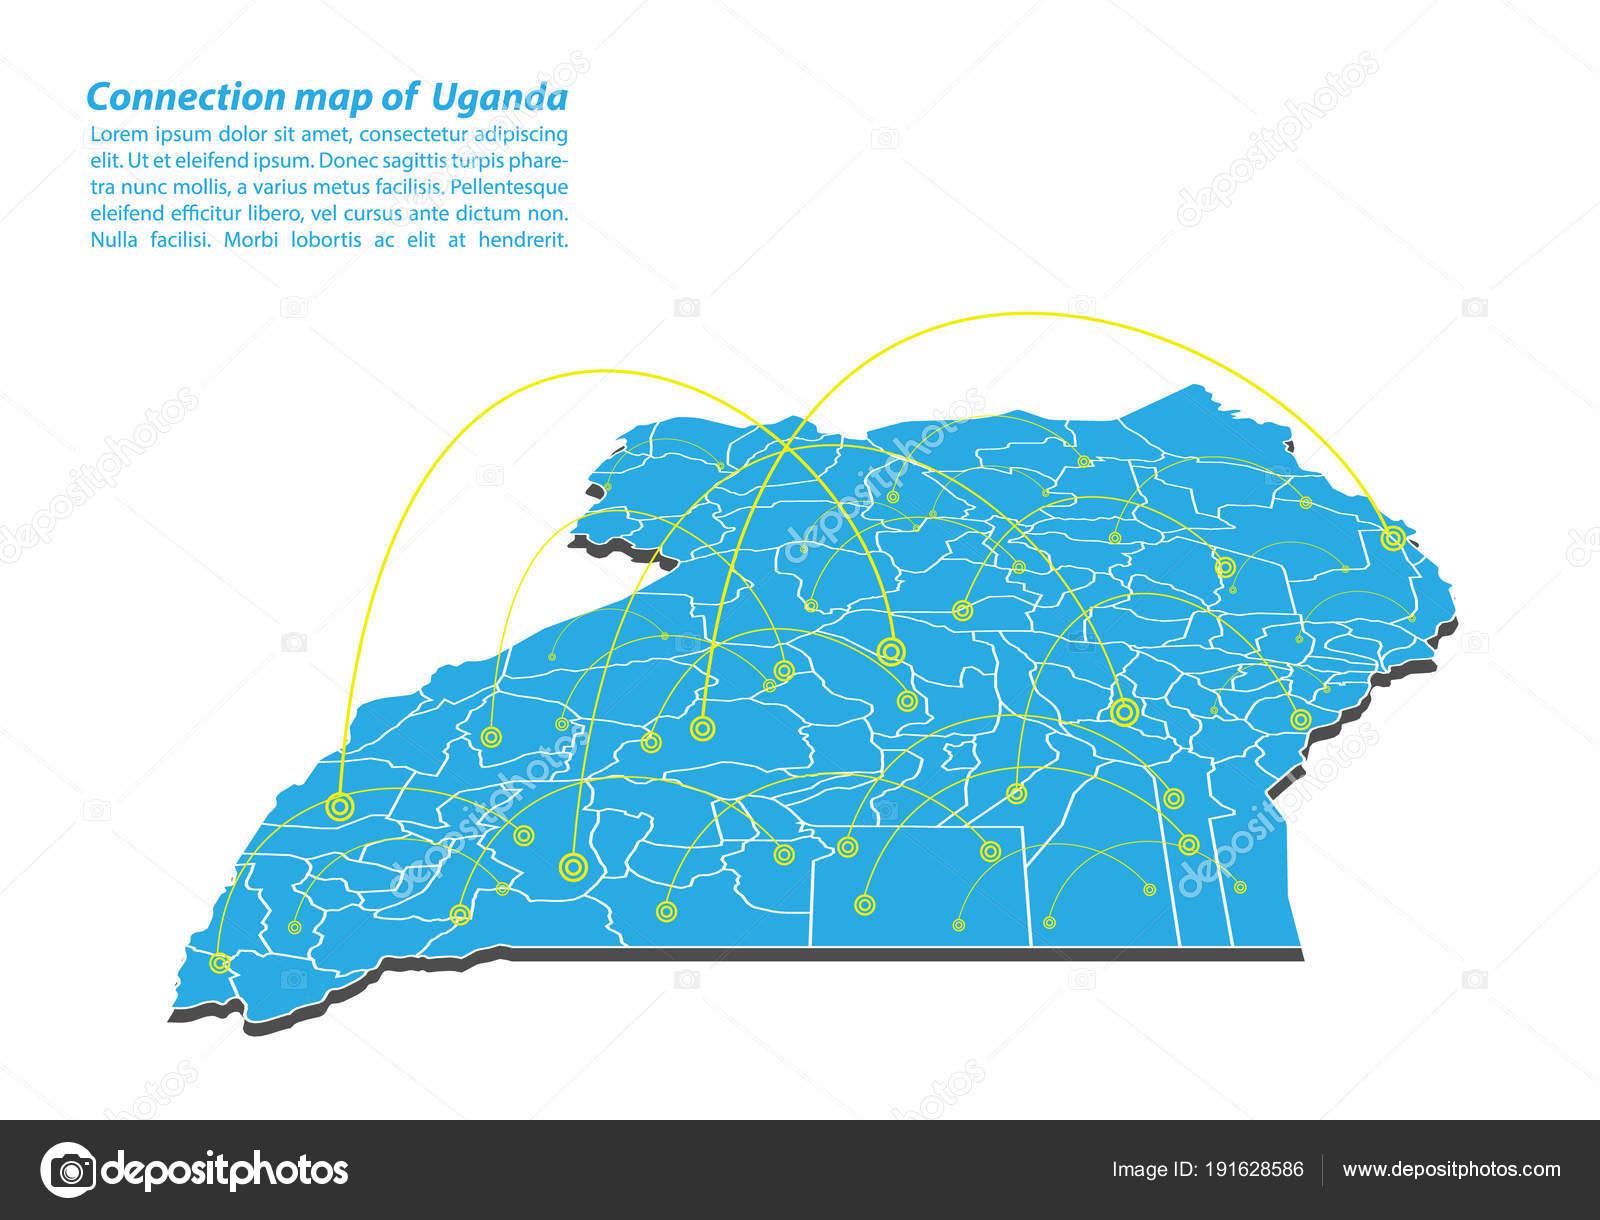 připojte ugandu zdarma žádné skryté náklady seznamky